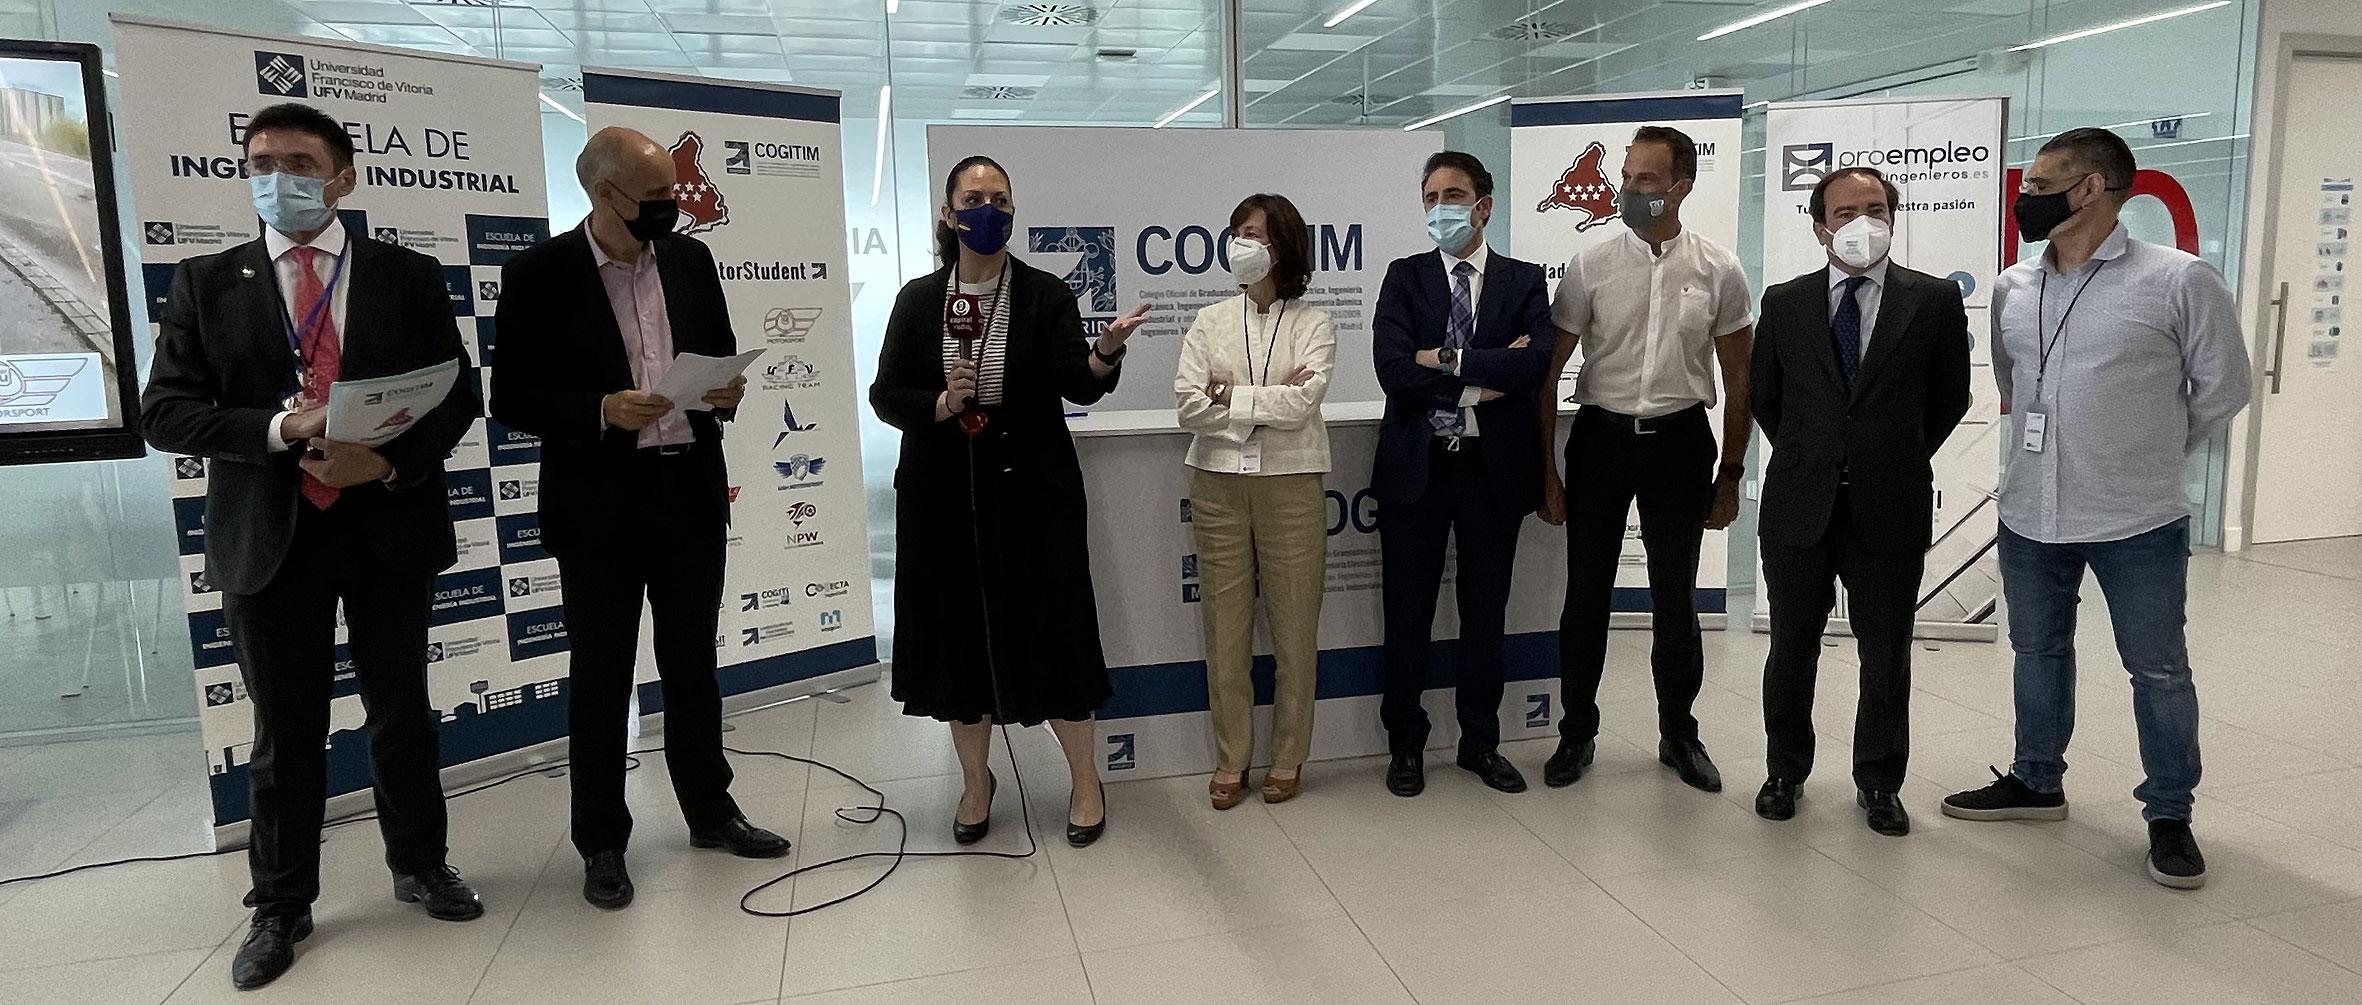 Talento, innovación y competición se dan cita en MadridMotorStudent, el nuevo gran proyecto del COGITIM